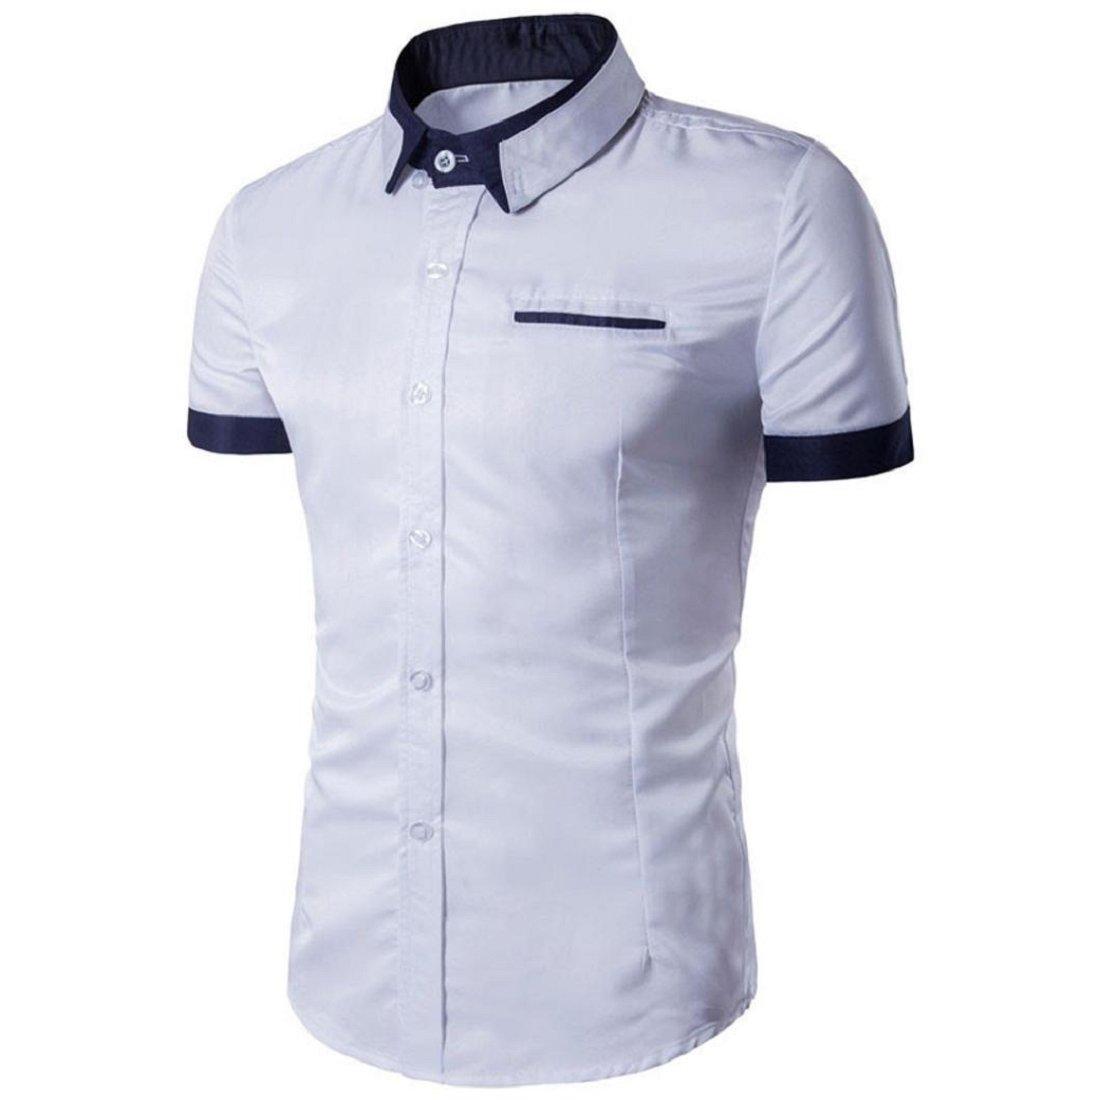 Orangeskycn Mens Summer Polo Shirts T Shirt Short Sleeve Shirt Slim